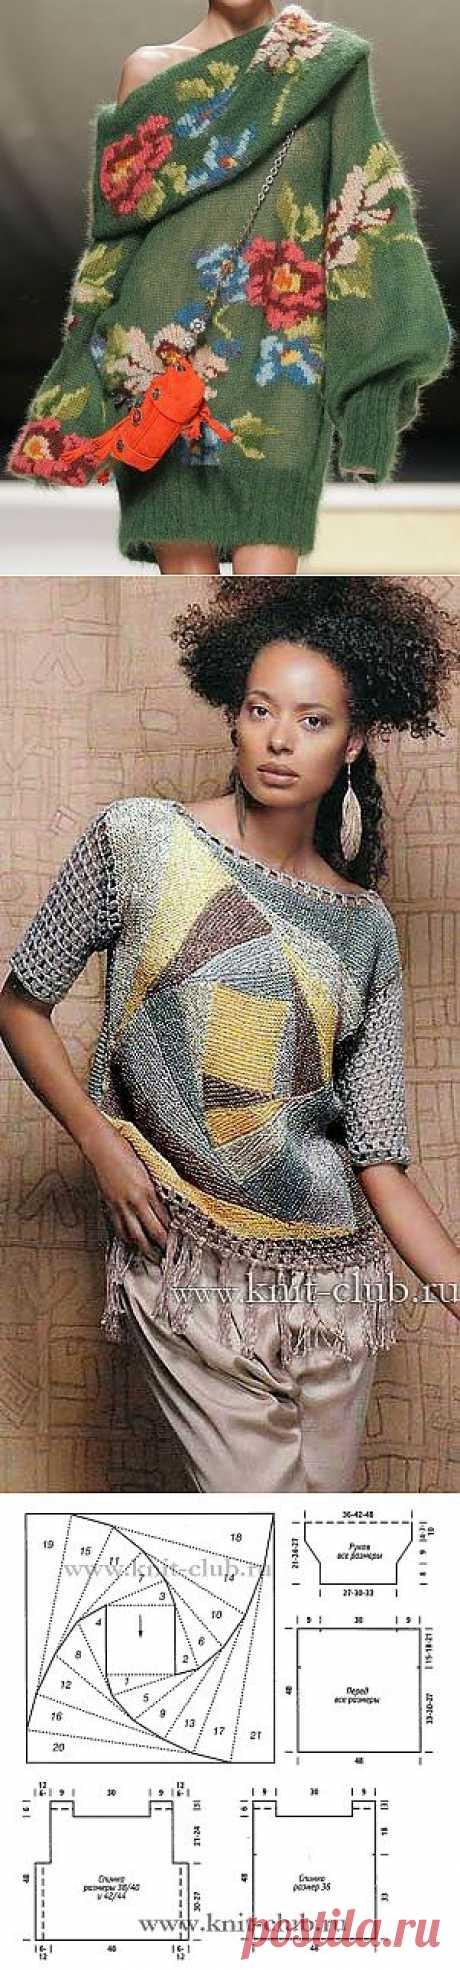 вязание спицами для женщин - Самое интересное в блогах